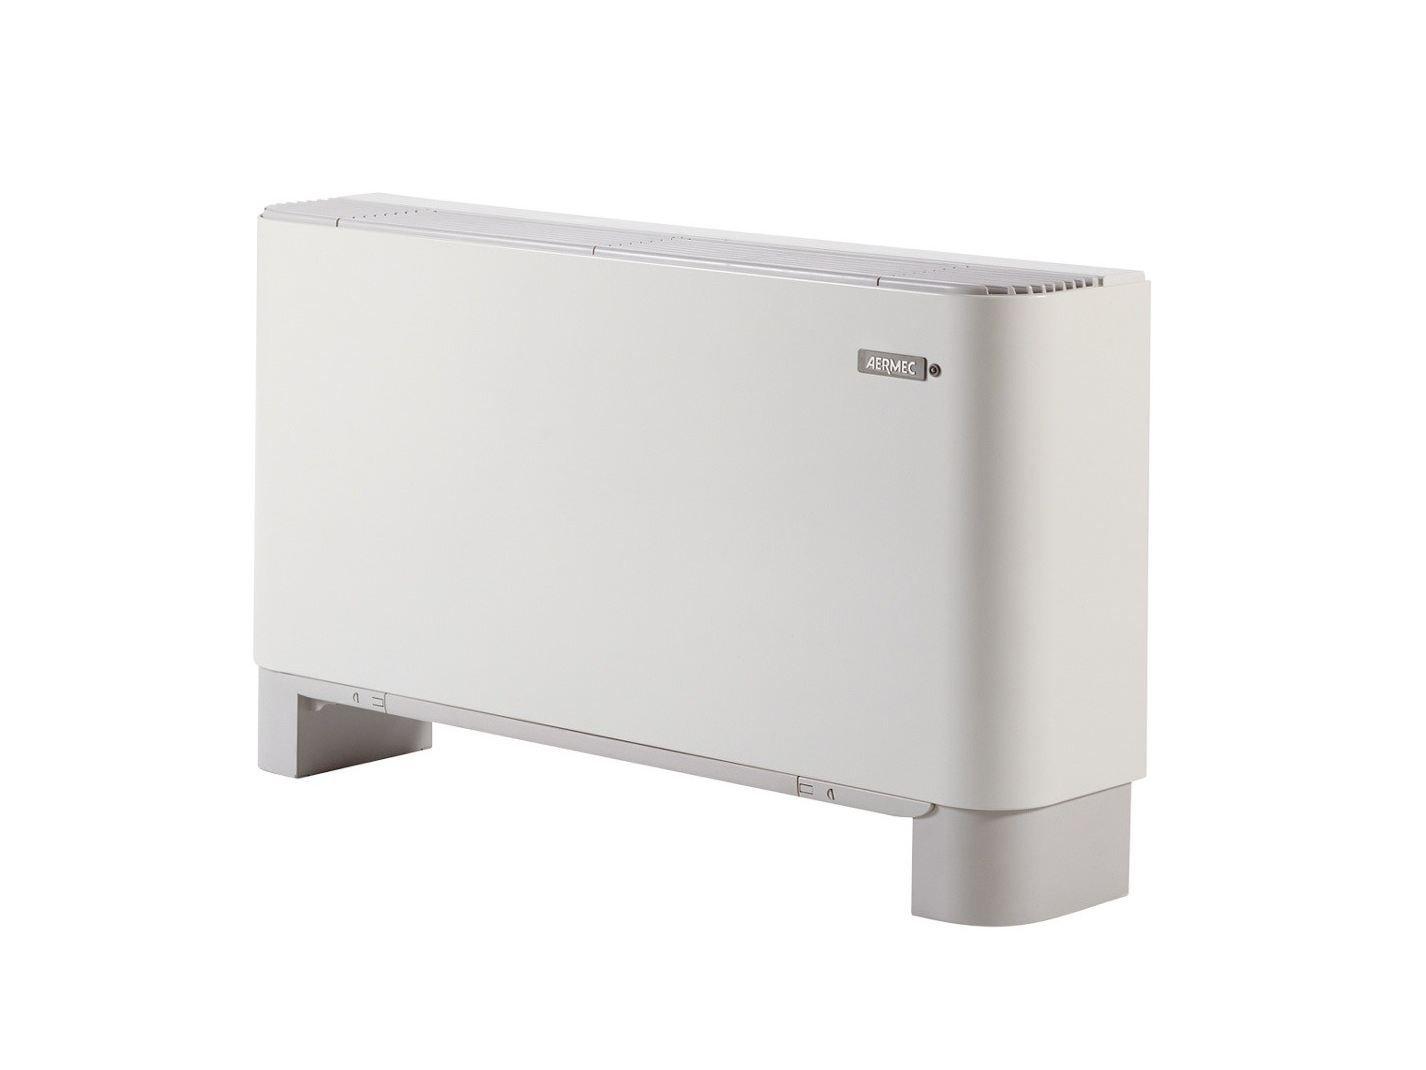 Casa moderna roma italy termoconvettore acqua prezzi for Camini elettrici ad acqua prezzi